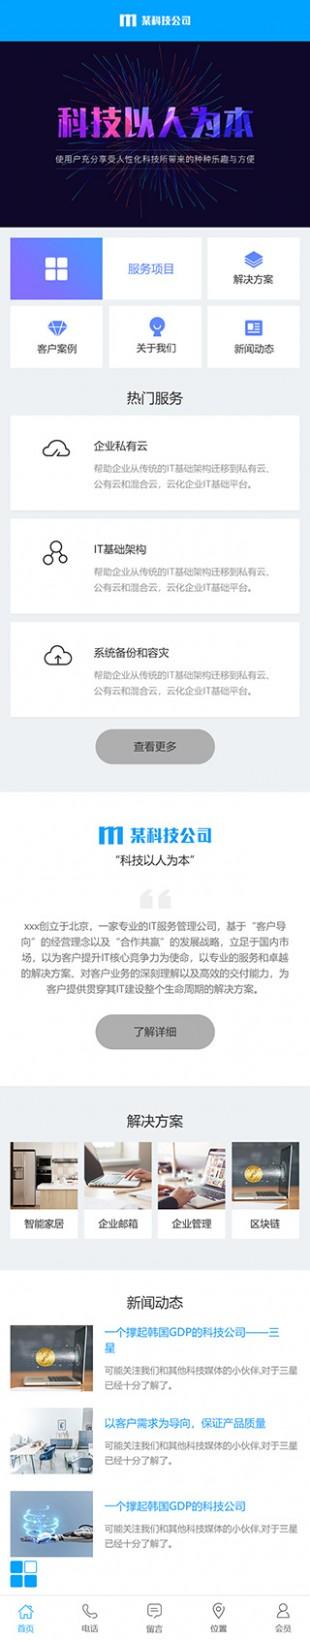 科技公司服务型网站建设模板手机图片